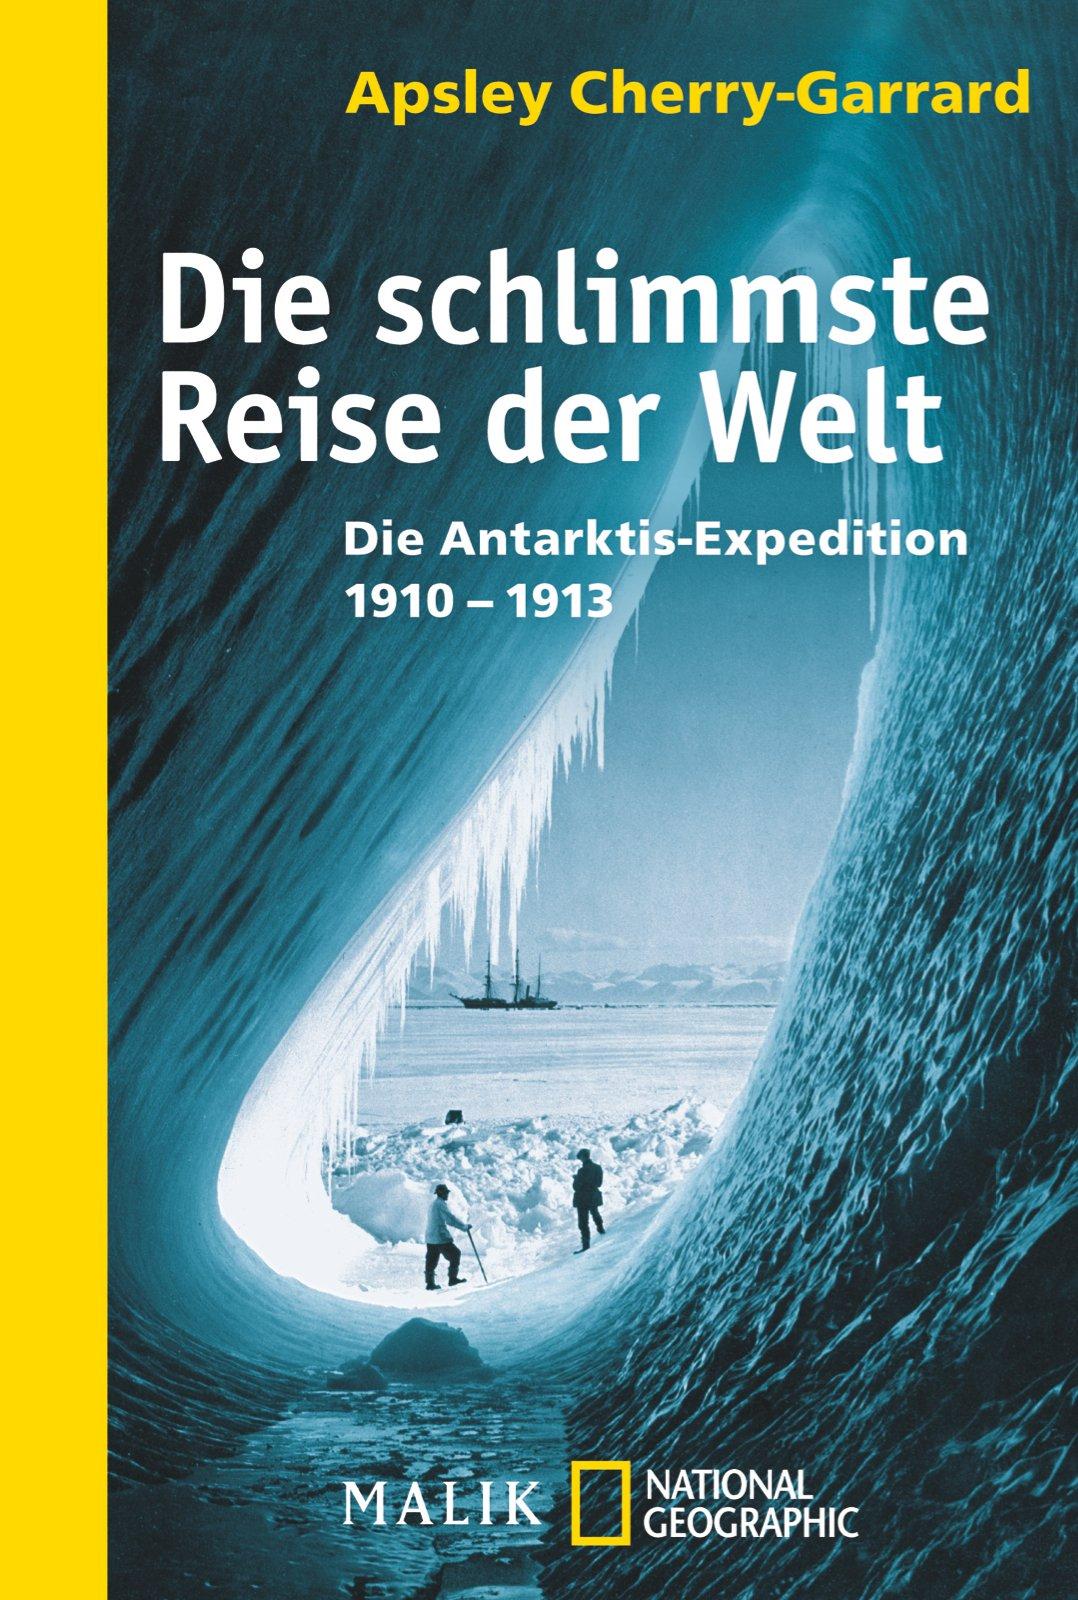 Die schlimmste Reise der Welt: Die Antarktis-Expedition 1910–1913